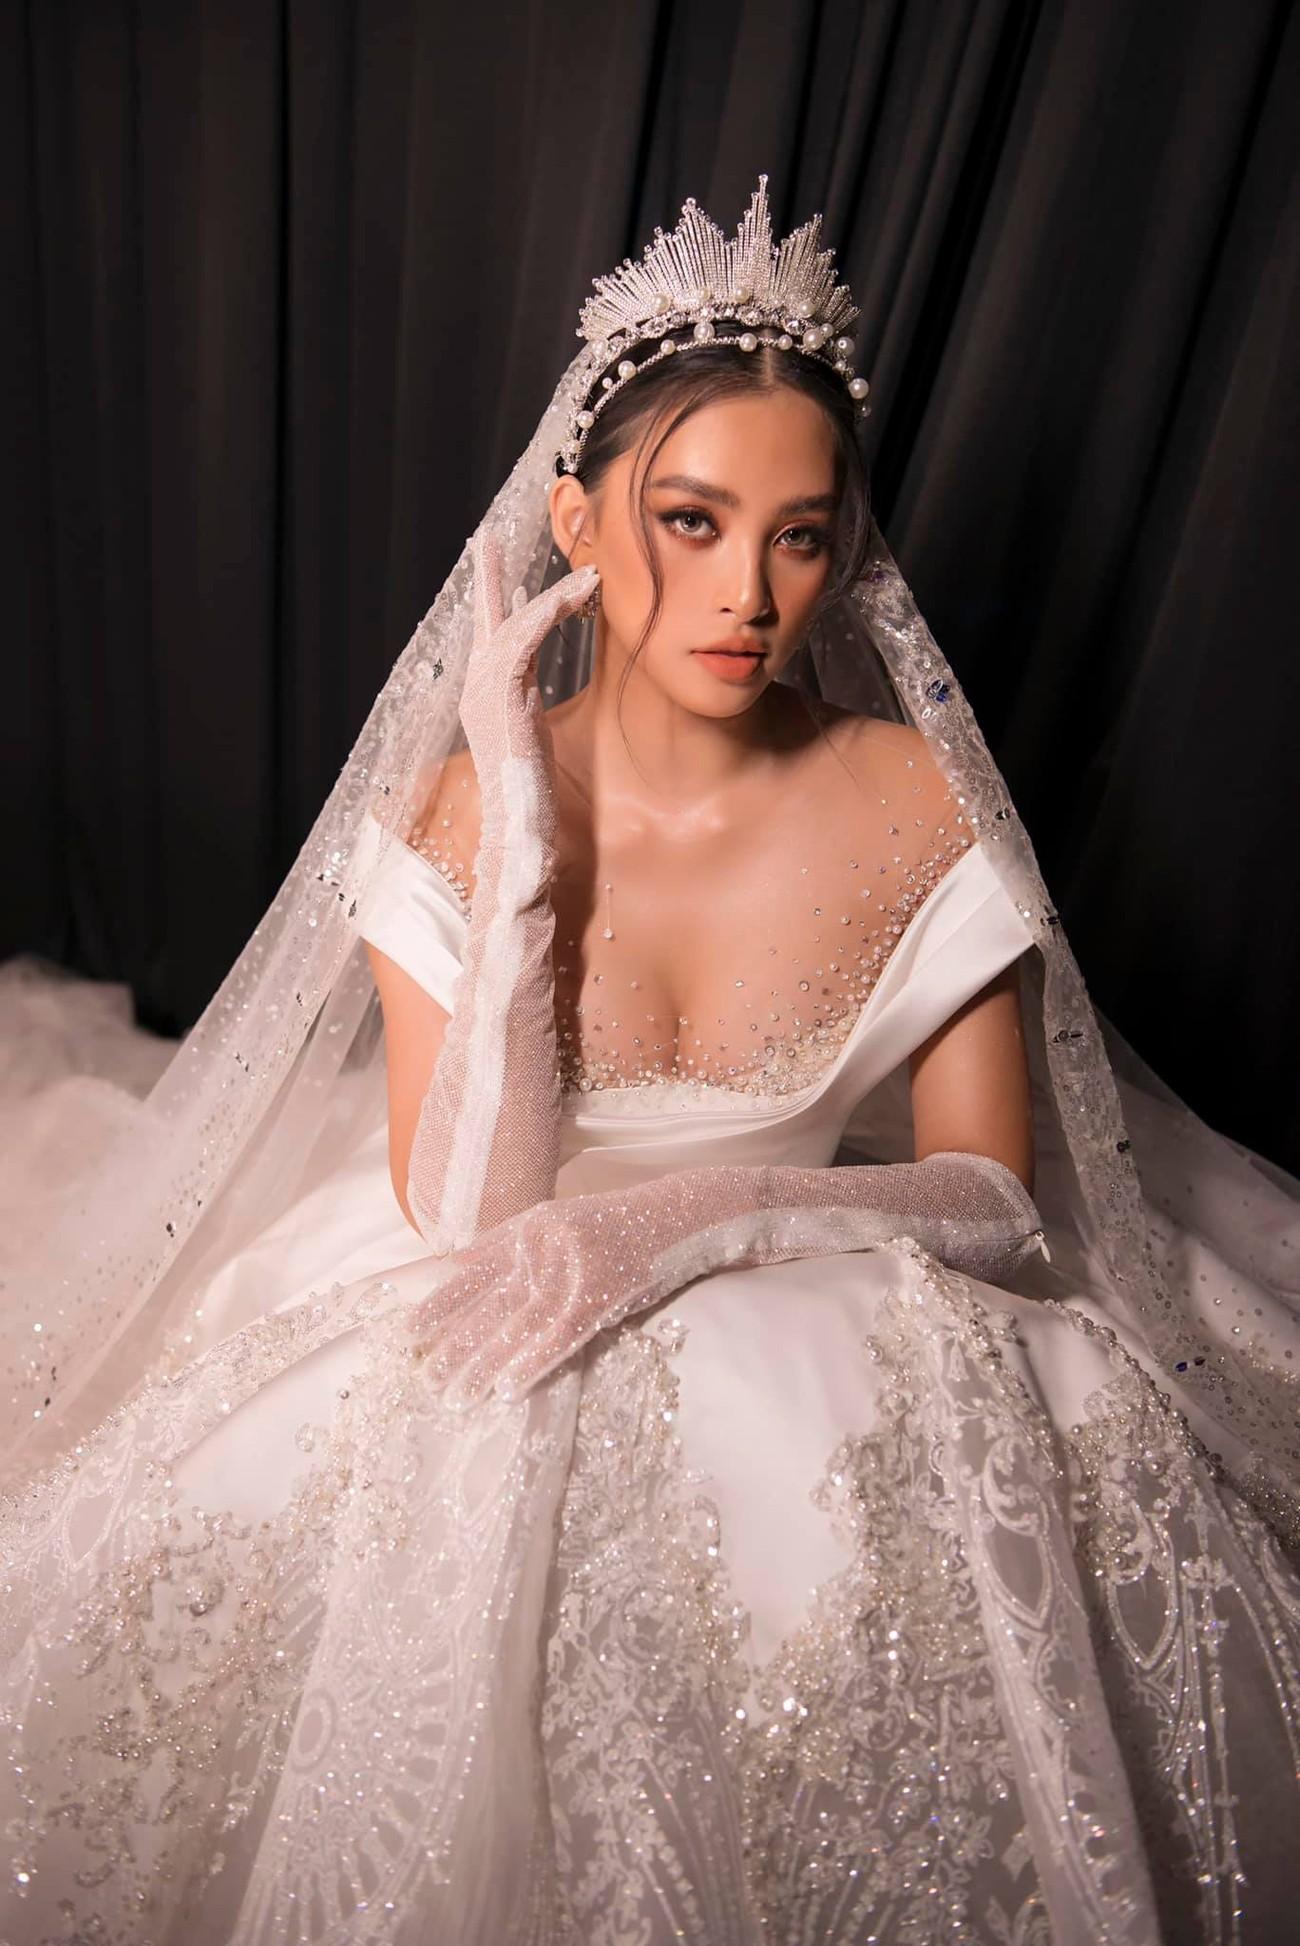 Hoa hậu Tiểu Vy mặc váy cô dâu khoe thềm ngực quyến rũ ảnh 3